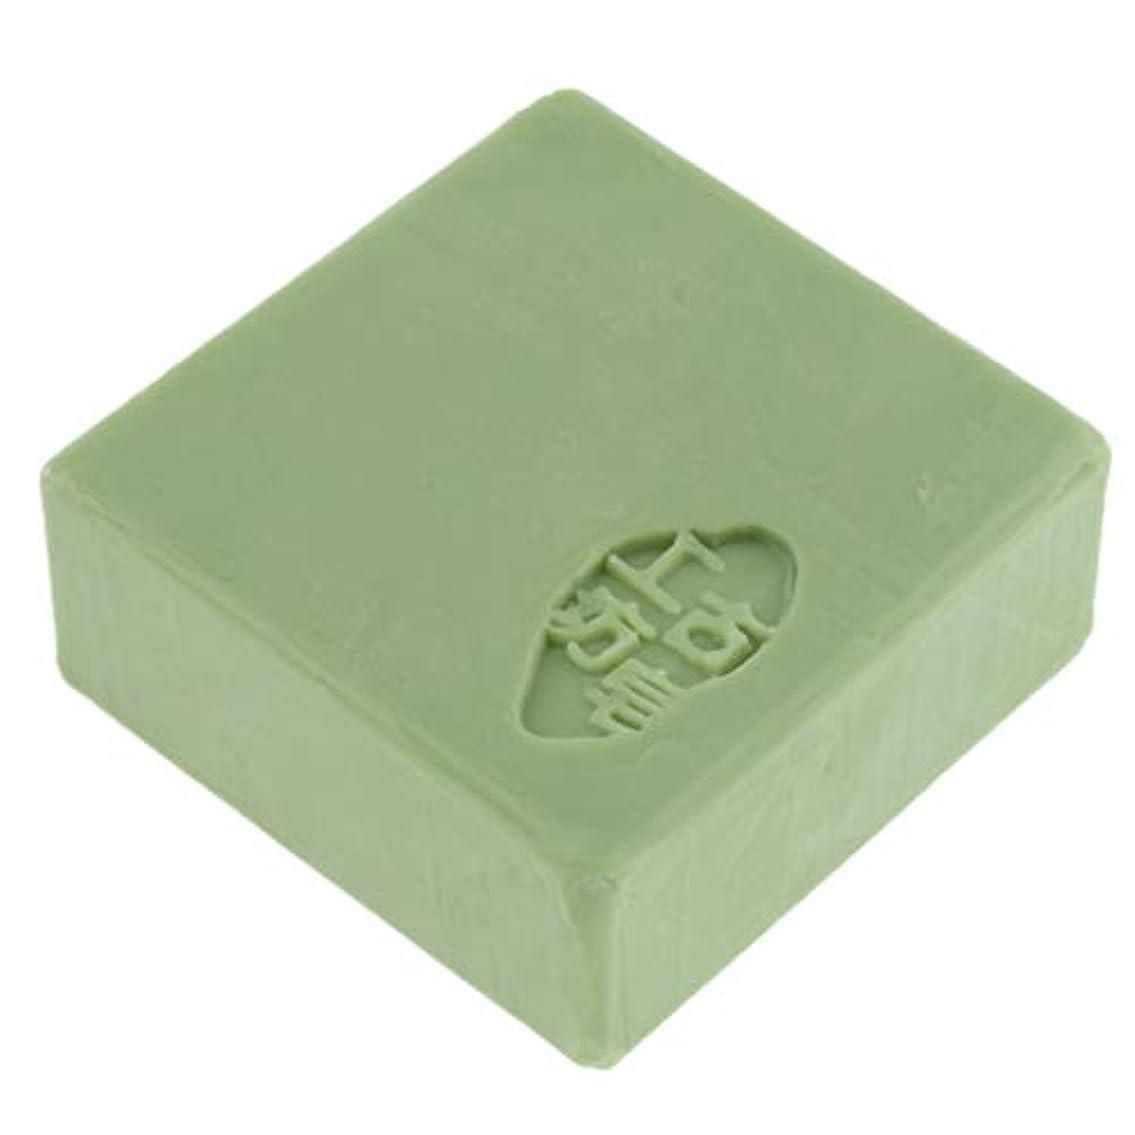 ダウンタウン黒ダイエットフェイスソープ ボディソープ スキンケア 石鹸 メイク落とし 全3色 - 緑